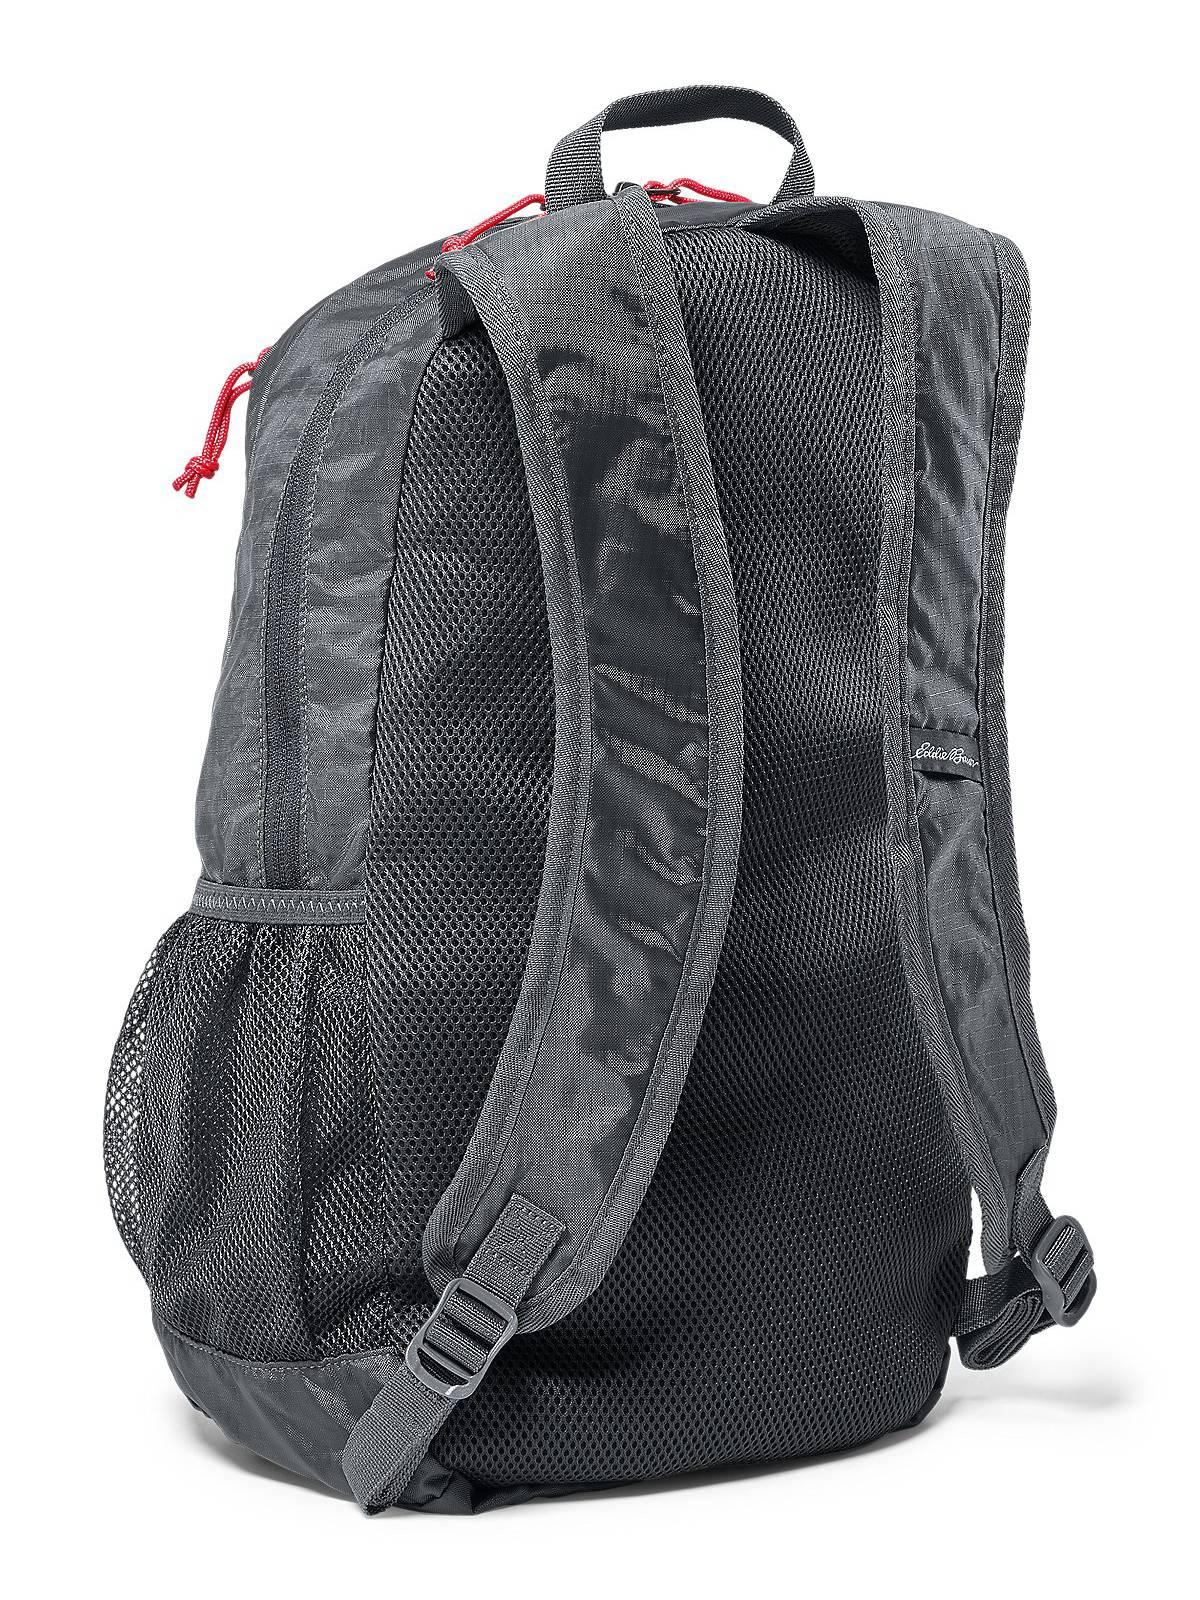 Eddie Bauer Unisex-adult Stowaway Packable 20l Daypack for sale ... 09c12d9de96d7